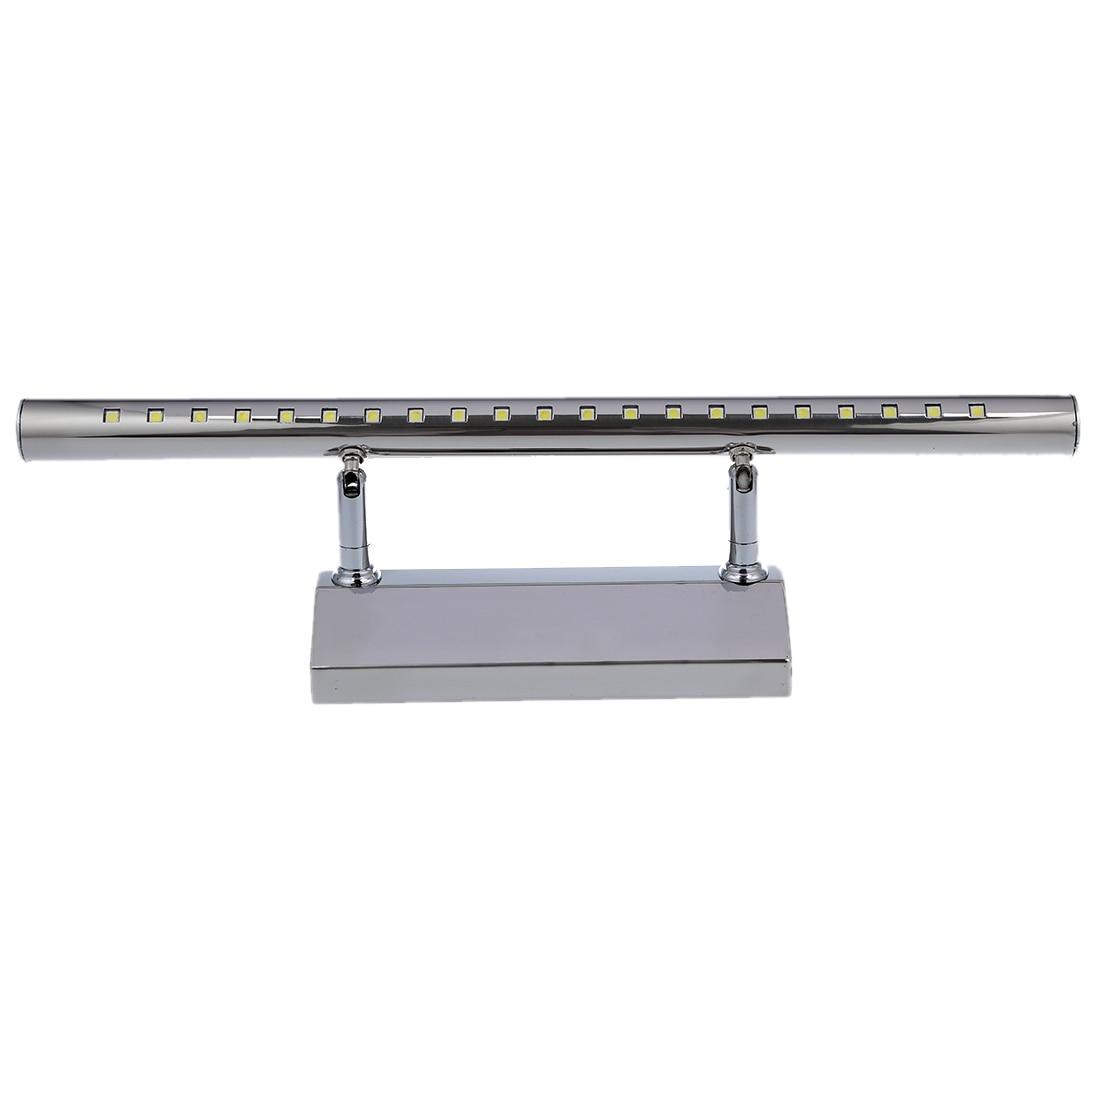 5 w 21 led 5050 smd acciaio inox specchio lampada da bagno lampada da parete lampada